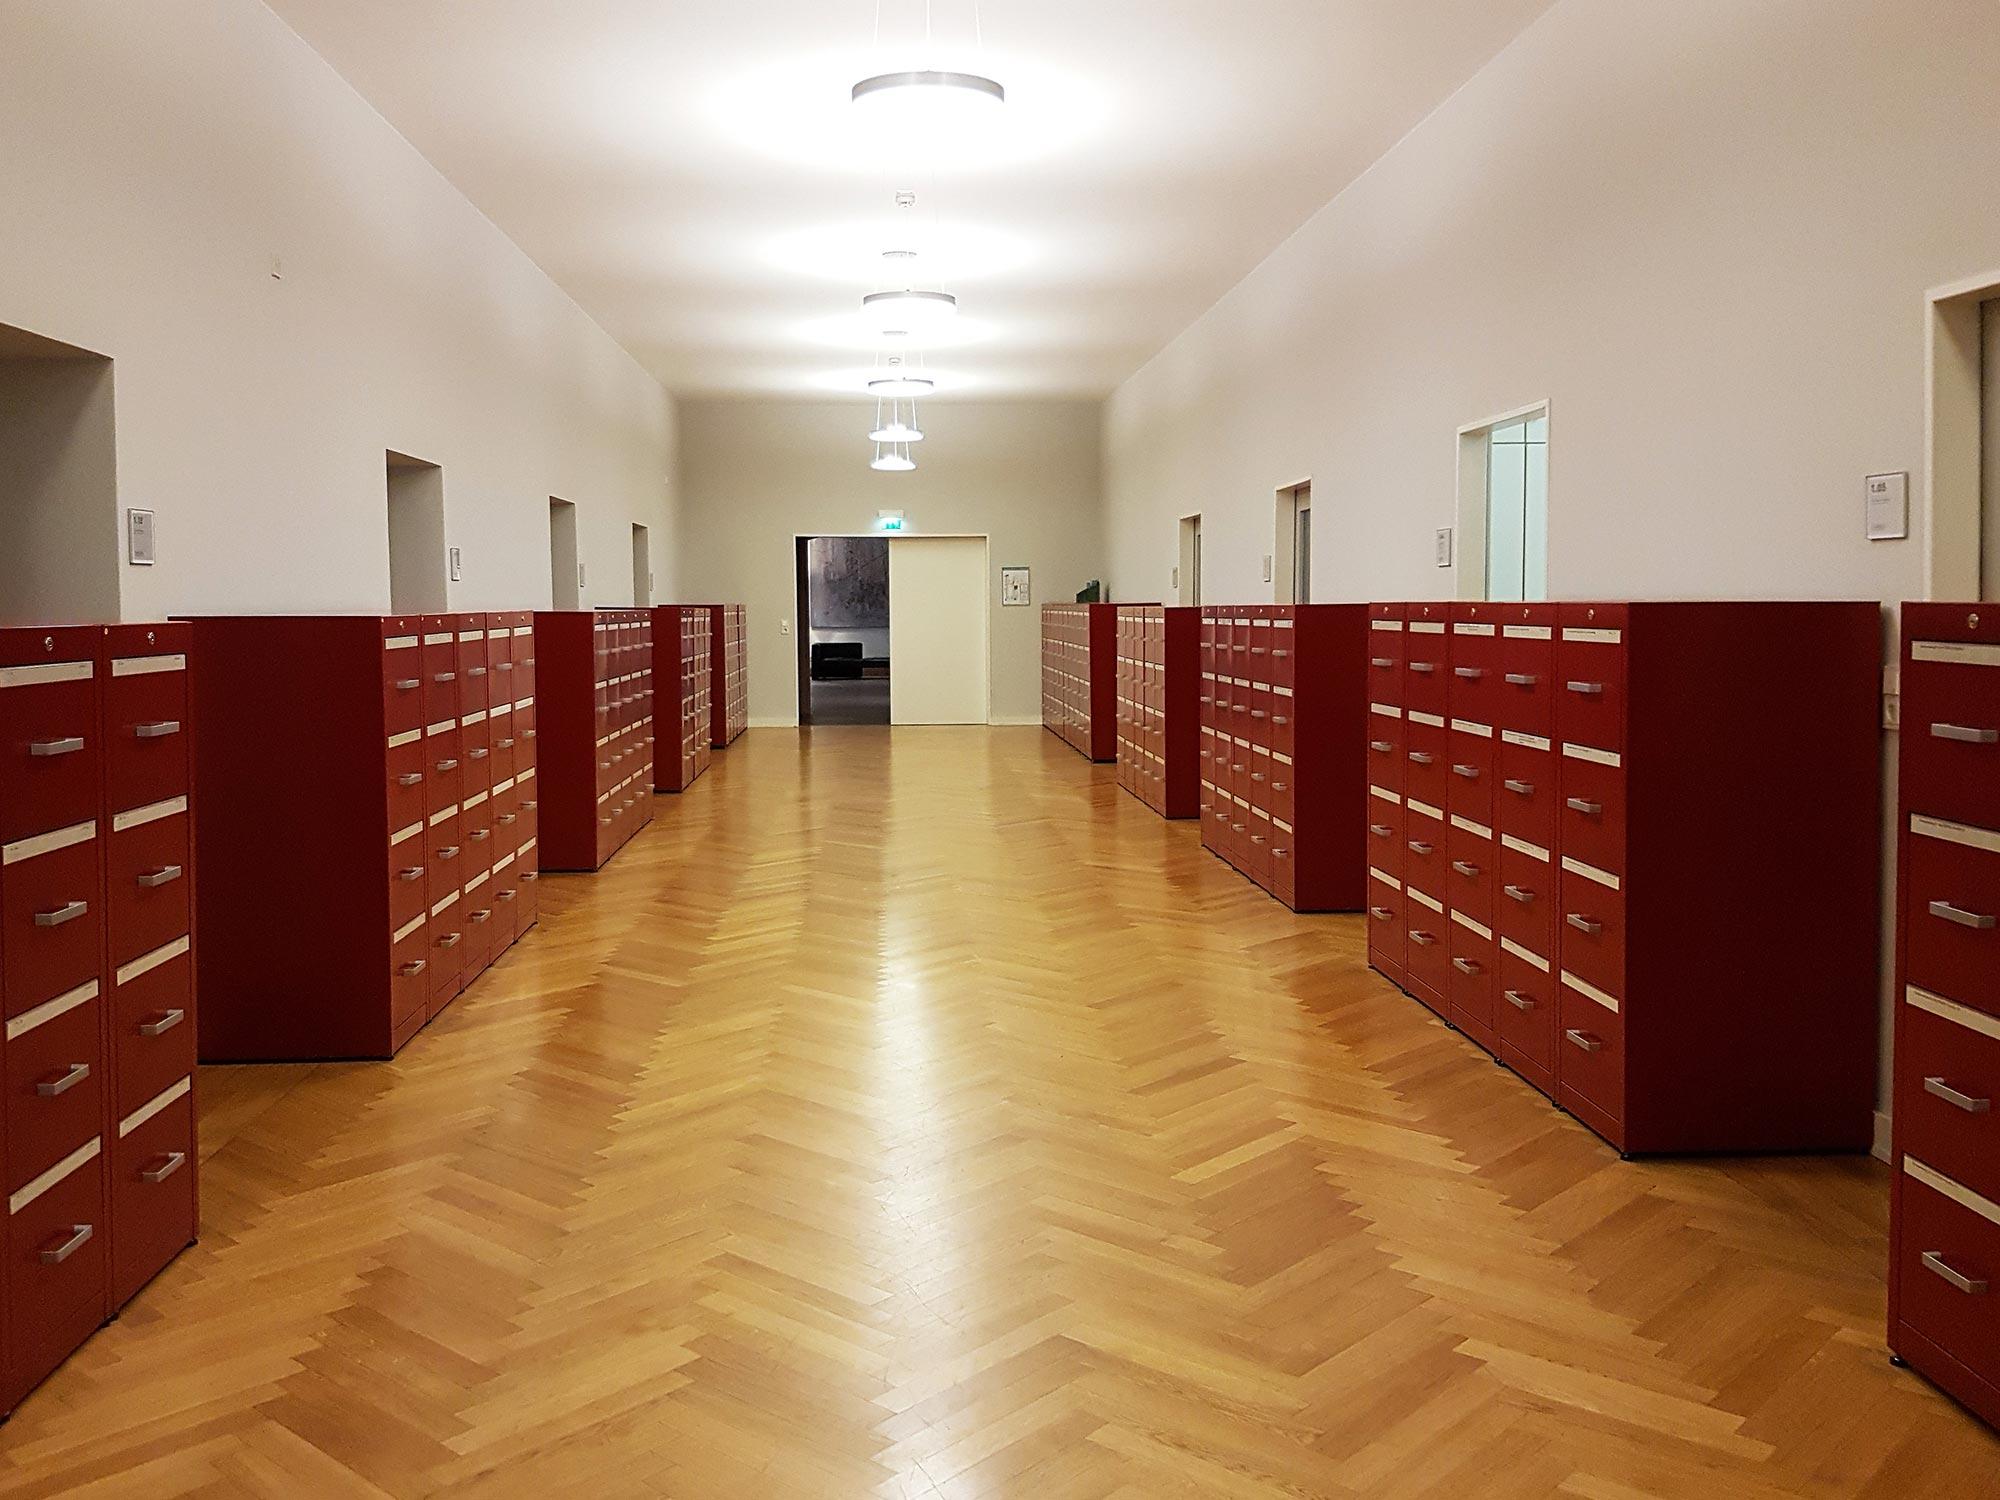 Bibliothek Frankfurt - Historisches Archiv - Historisches Fotoarchiv - ISG FFM - Institut für Stadtgeschichte - Research Frankfurt Geschichte der Stadtentwicklung